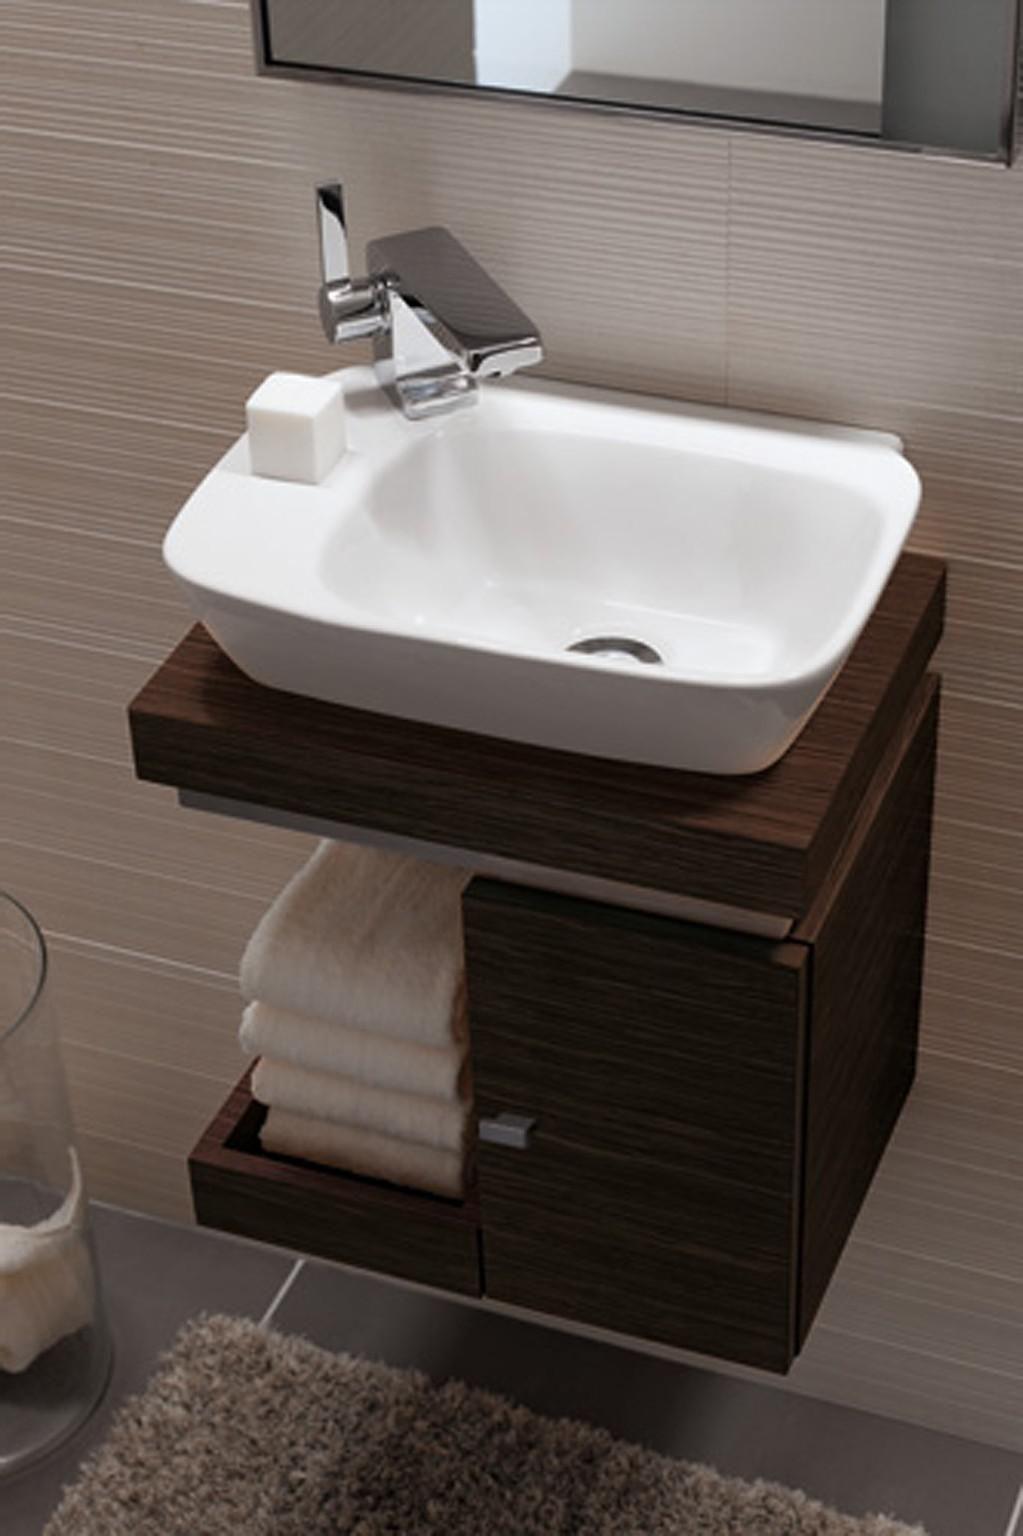 Waschbecken Mit Unterschrank Schrank Badezimmer Elegant Badezimmer Unterschrank Mit Waschbecken L Handwaschbecken Gaste Wc Waschbecken Gaste Wc Wc Waschbecken